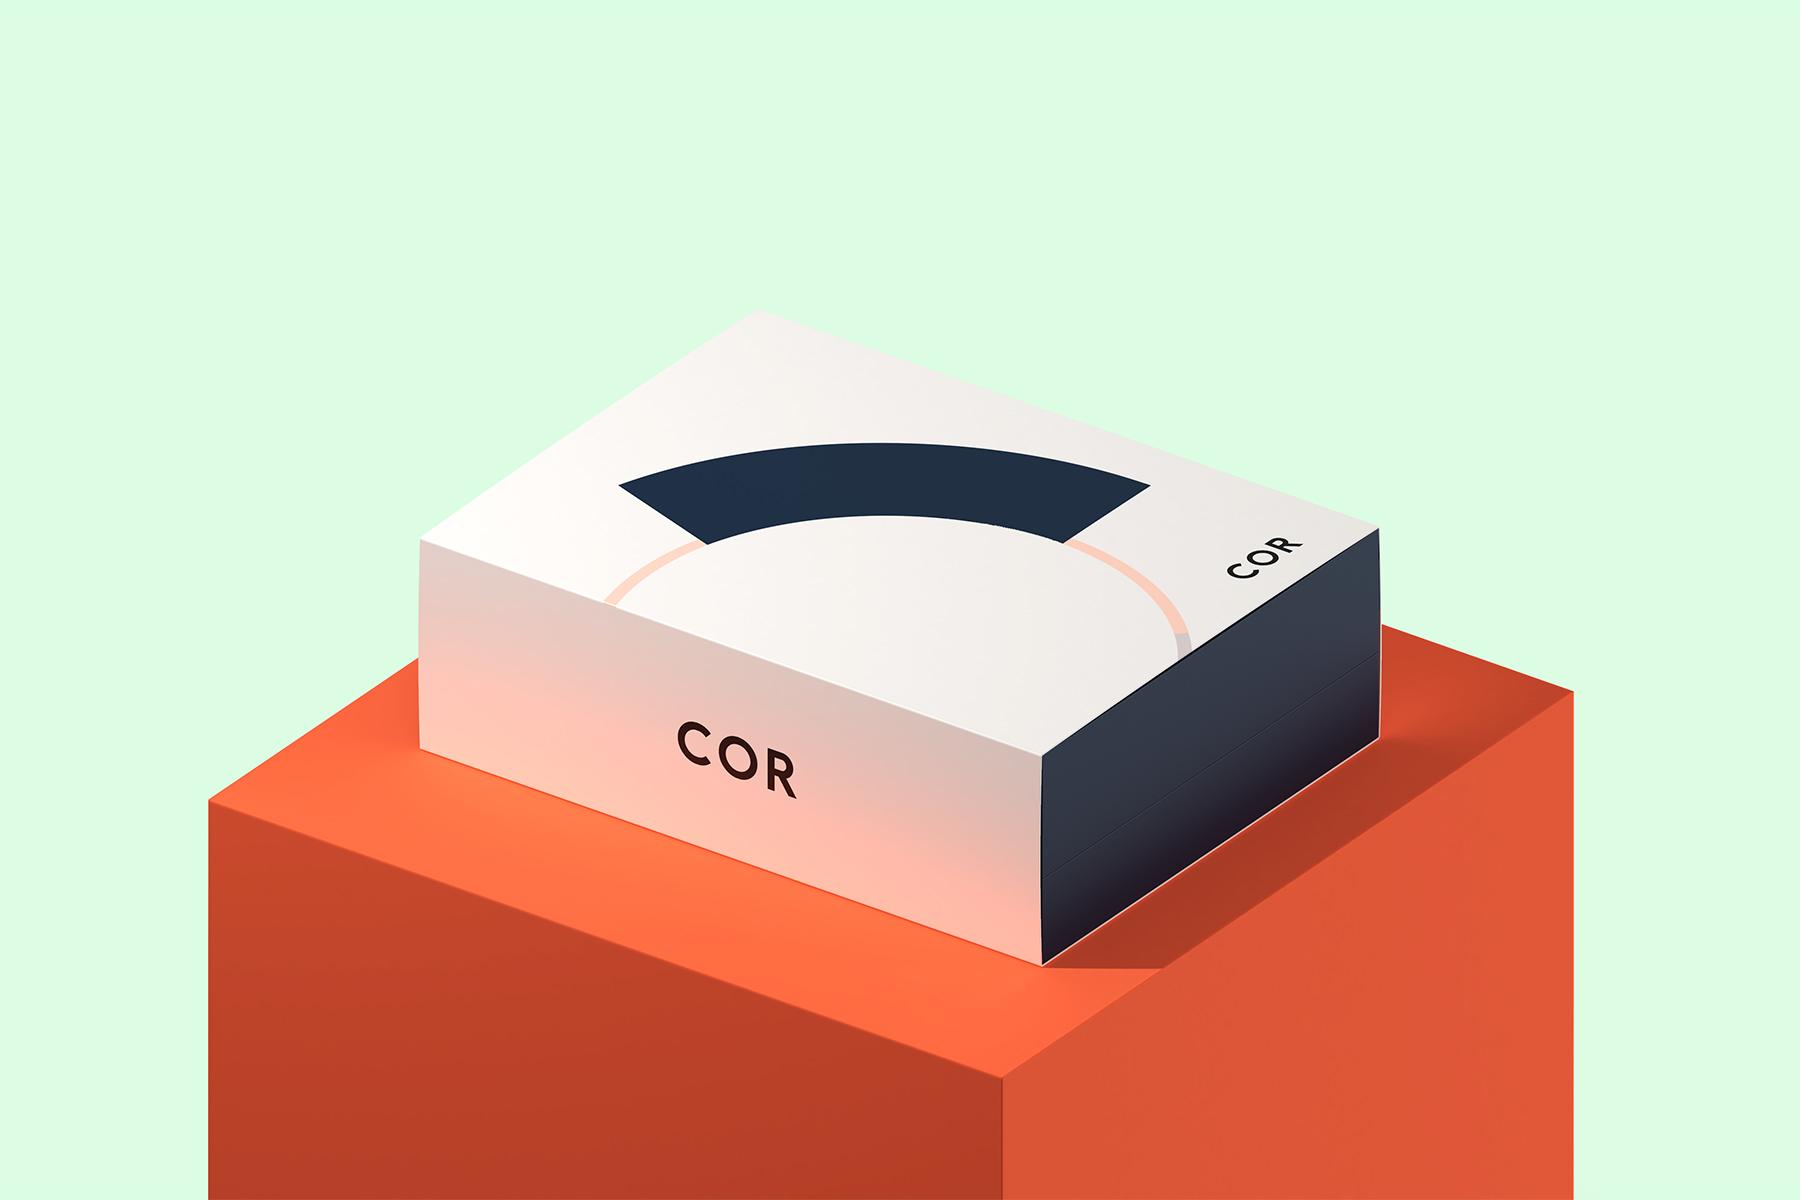 COR_02